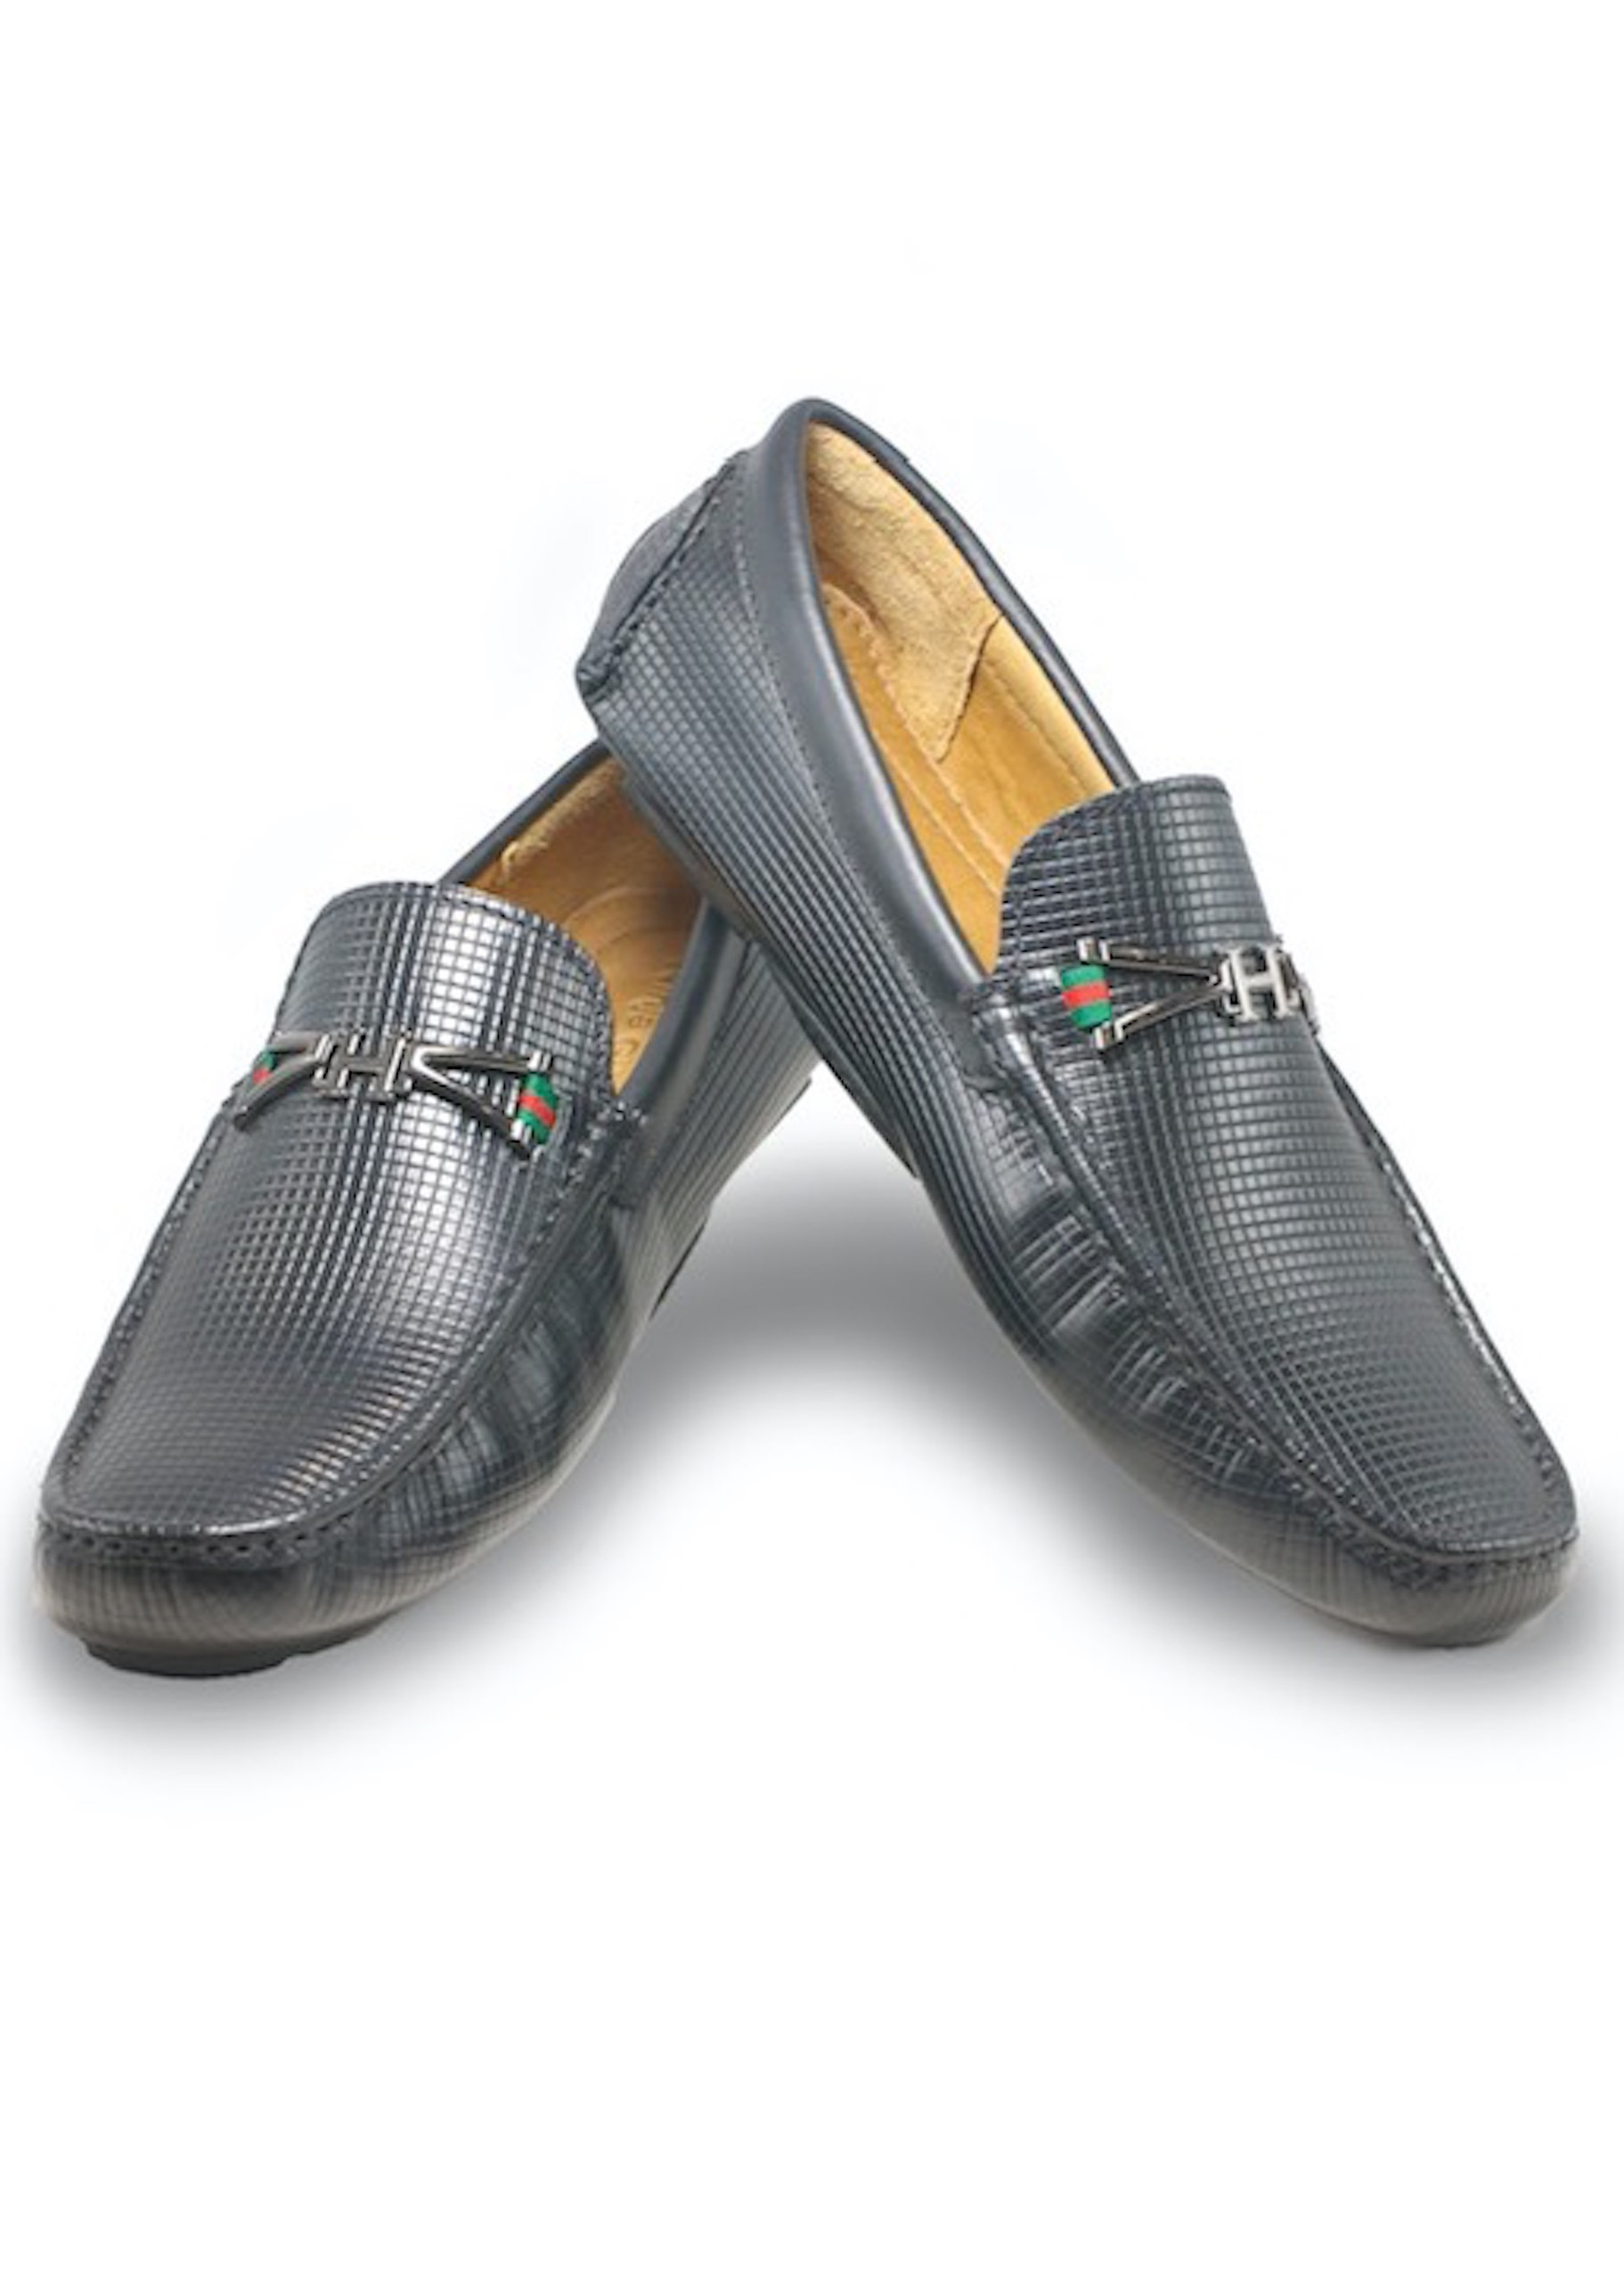 Giày lười nam da bò cao cấp siêu mềm sieu nhẹ màu đen